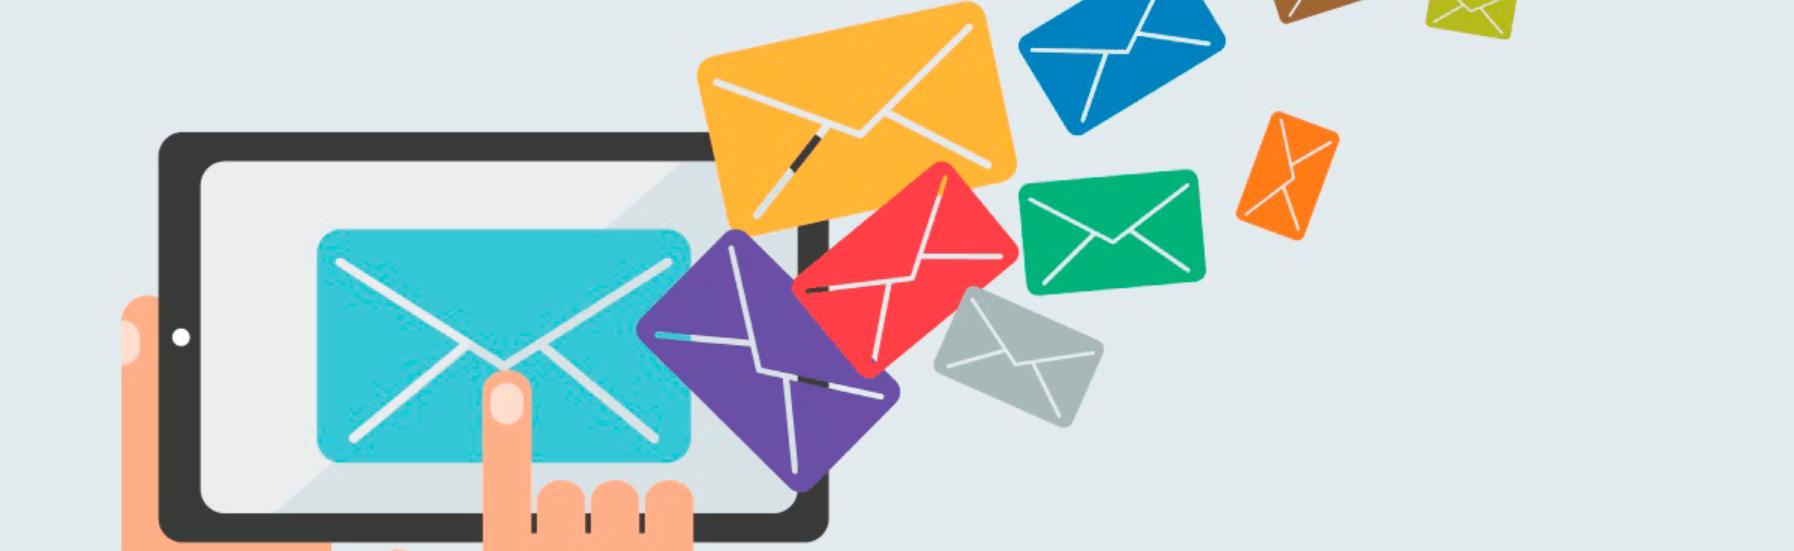 Как разработать высокоэффективную стратегию в email-маркетинге?